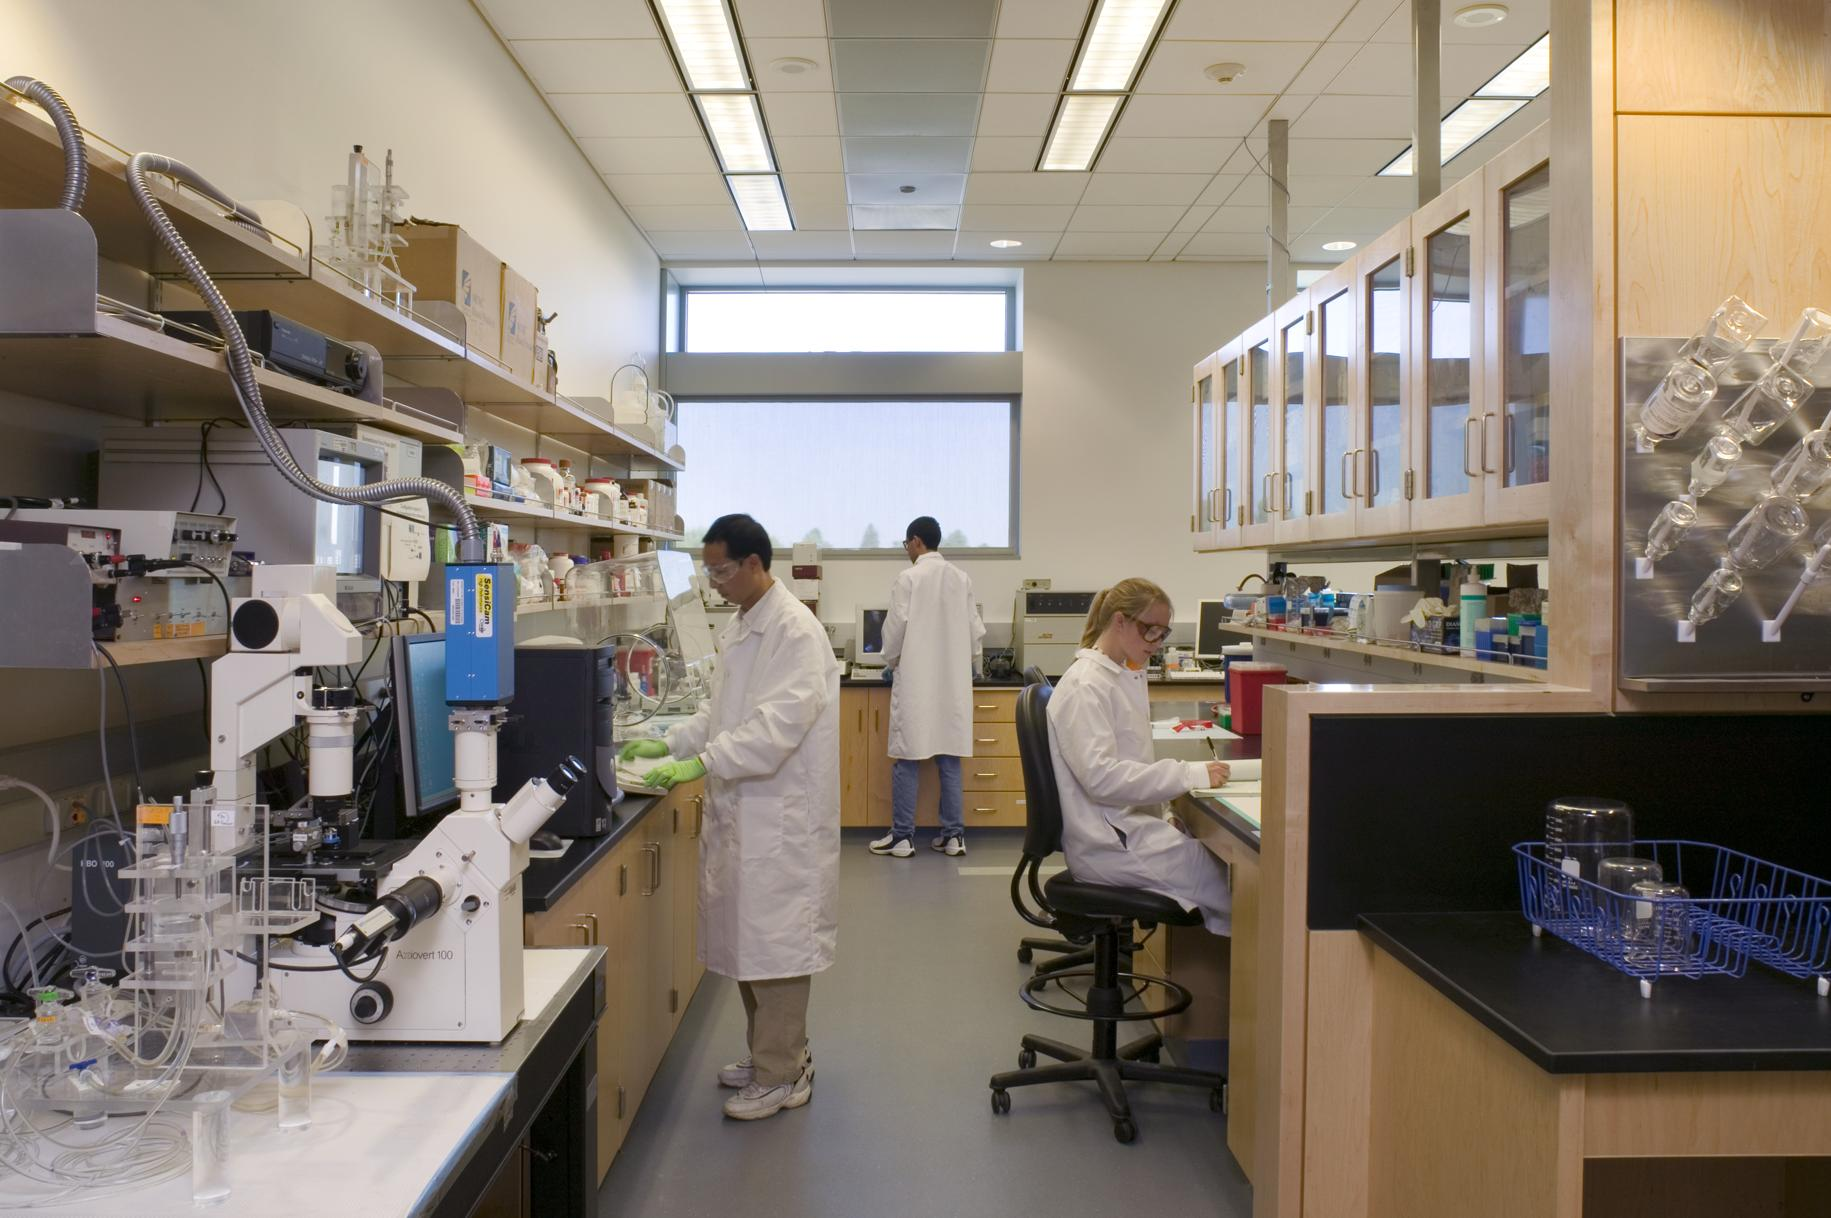 ¿Alguna vez pensaste en dar clases de Historia? ¿Te visualizas como un científico bioquímico? Tal vez esto no te suene muy común, pero son excelentes opciones al elegir una carrera. Descubre las 10 carreras con la menor tasa de desempleo, según un estudio realizado por el portal estadounidense de carreras profesionales Zippia. - Foto:Biomedical Engineering Lab/UC Davis College of Engineering